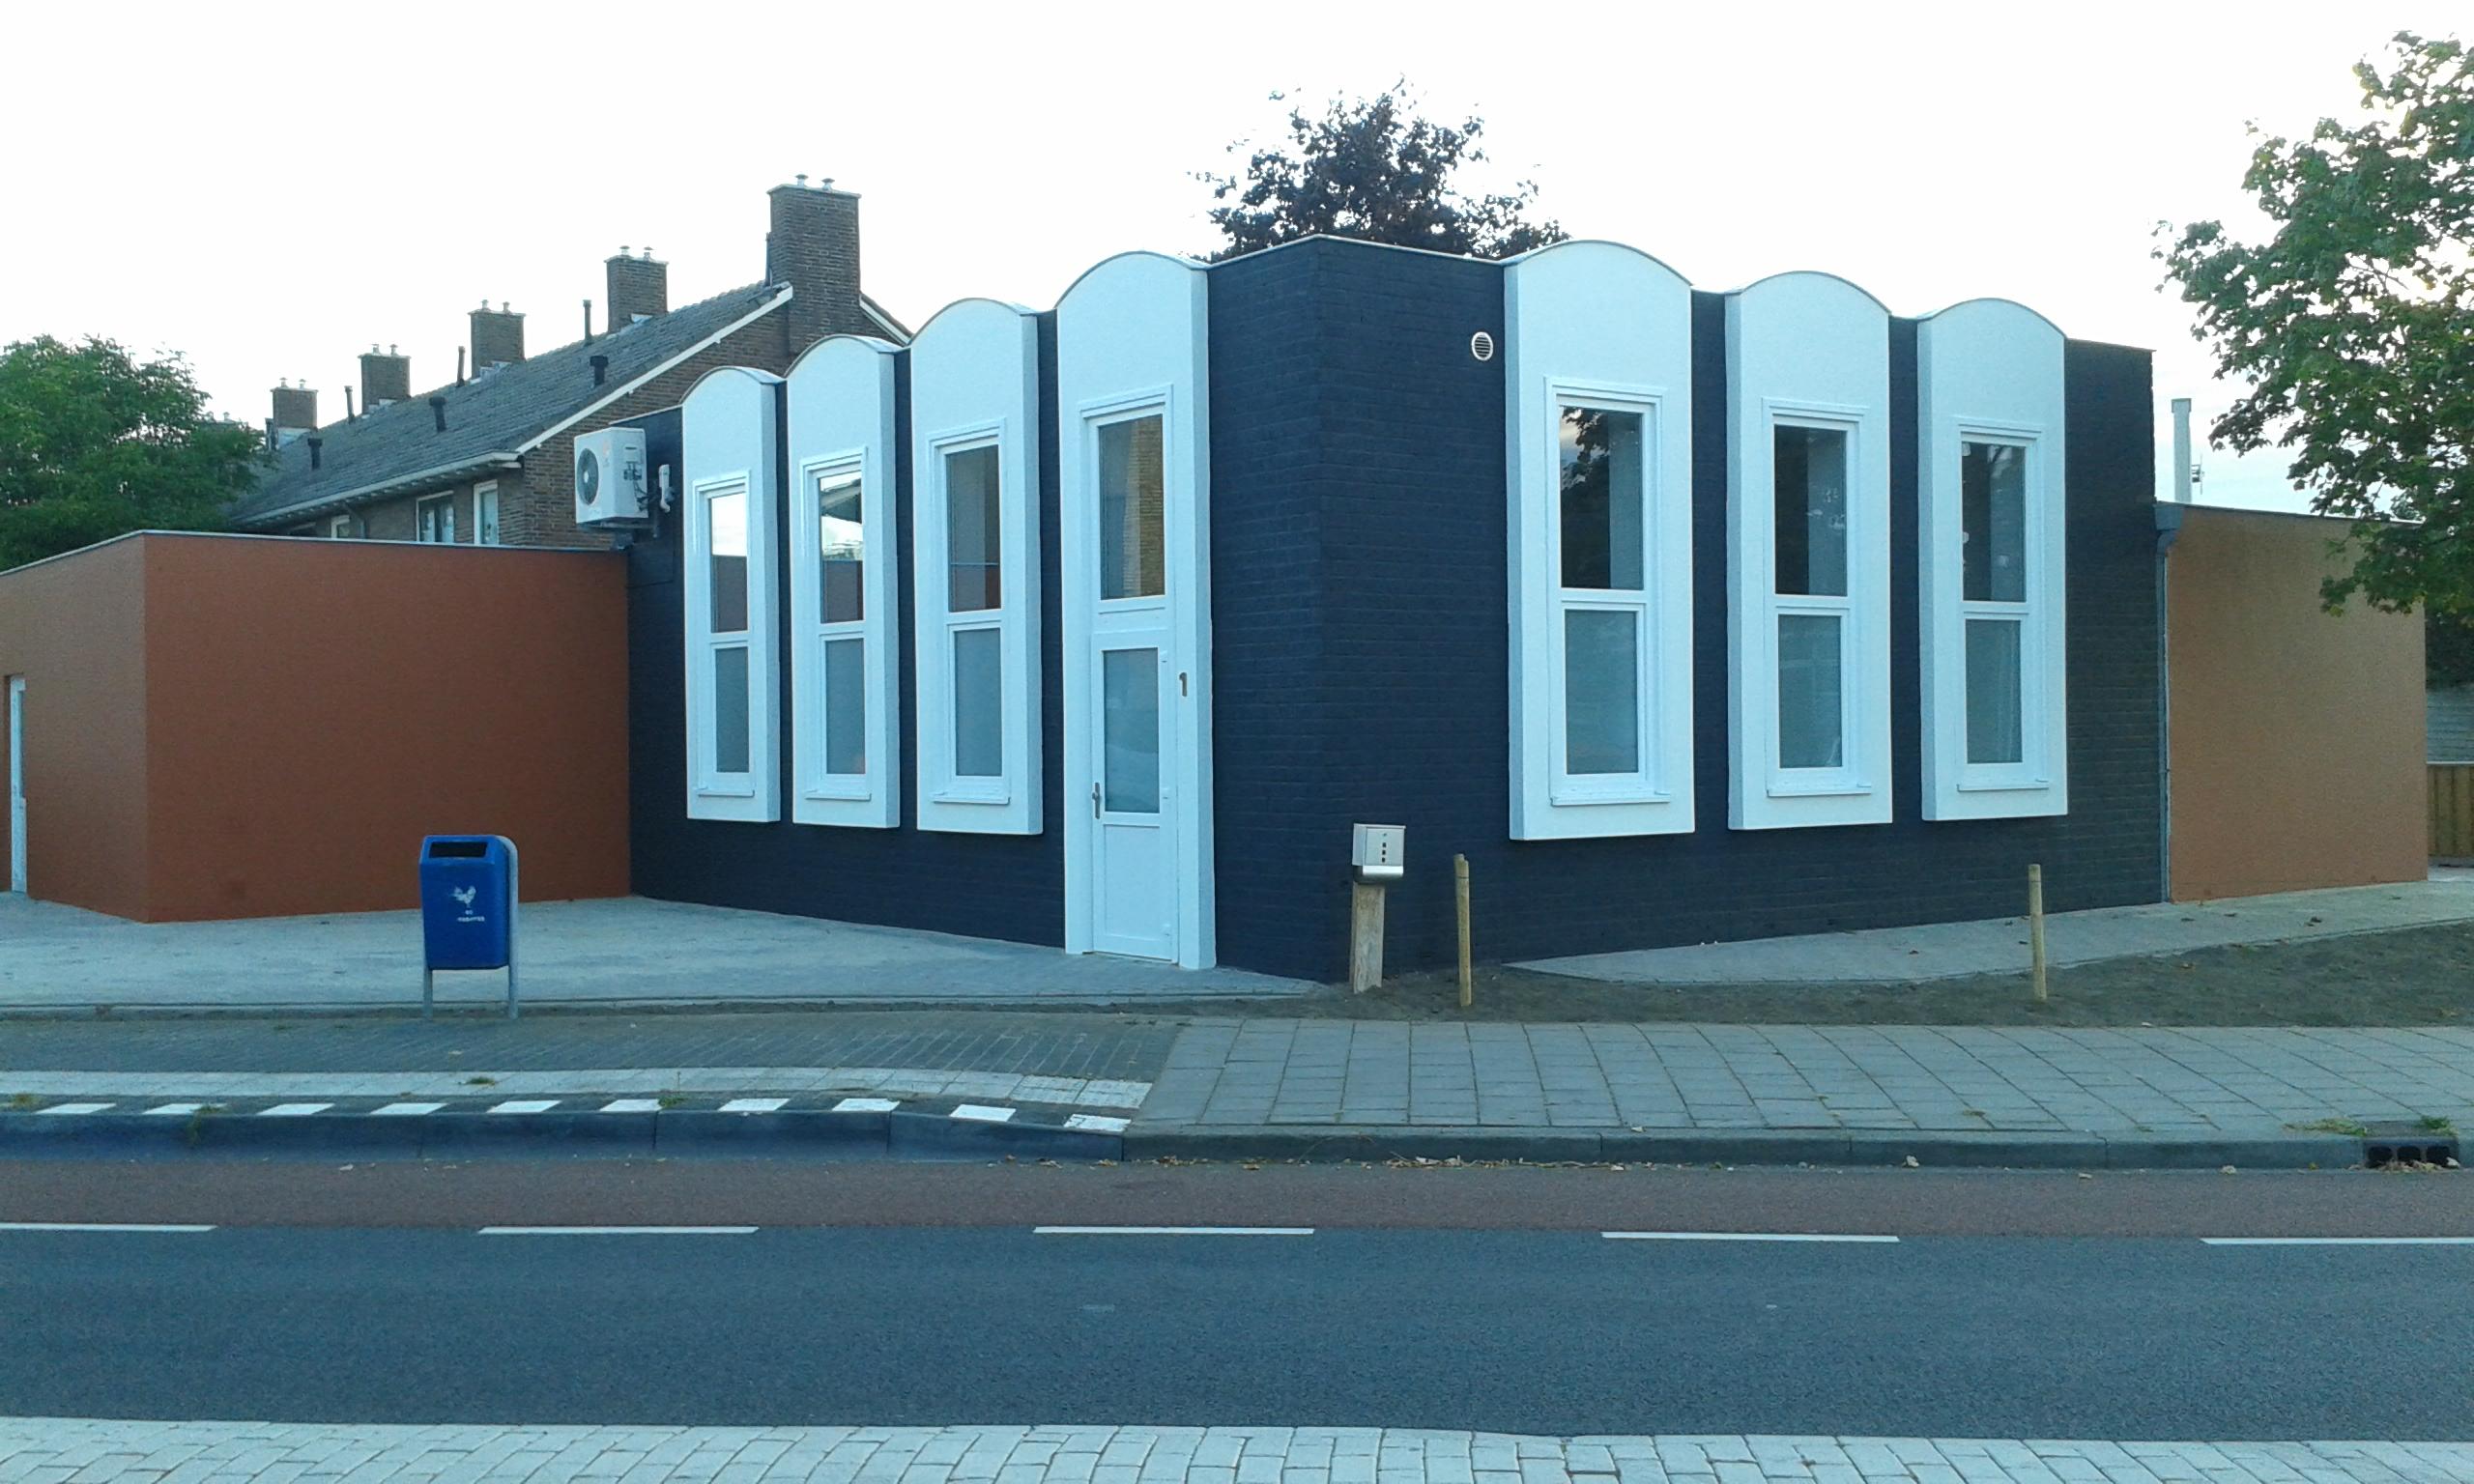 Verbouwing multifunctionele ruimte in Almelo 2016